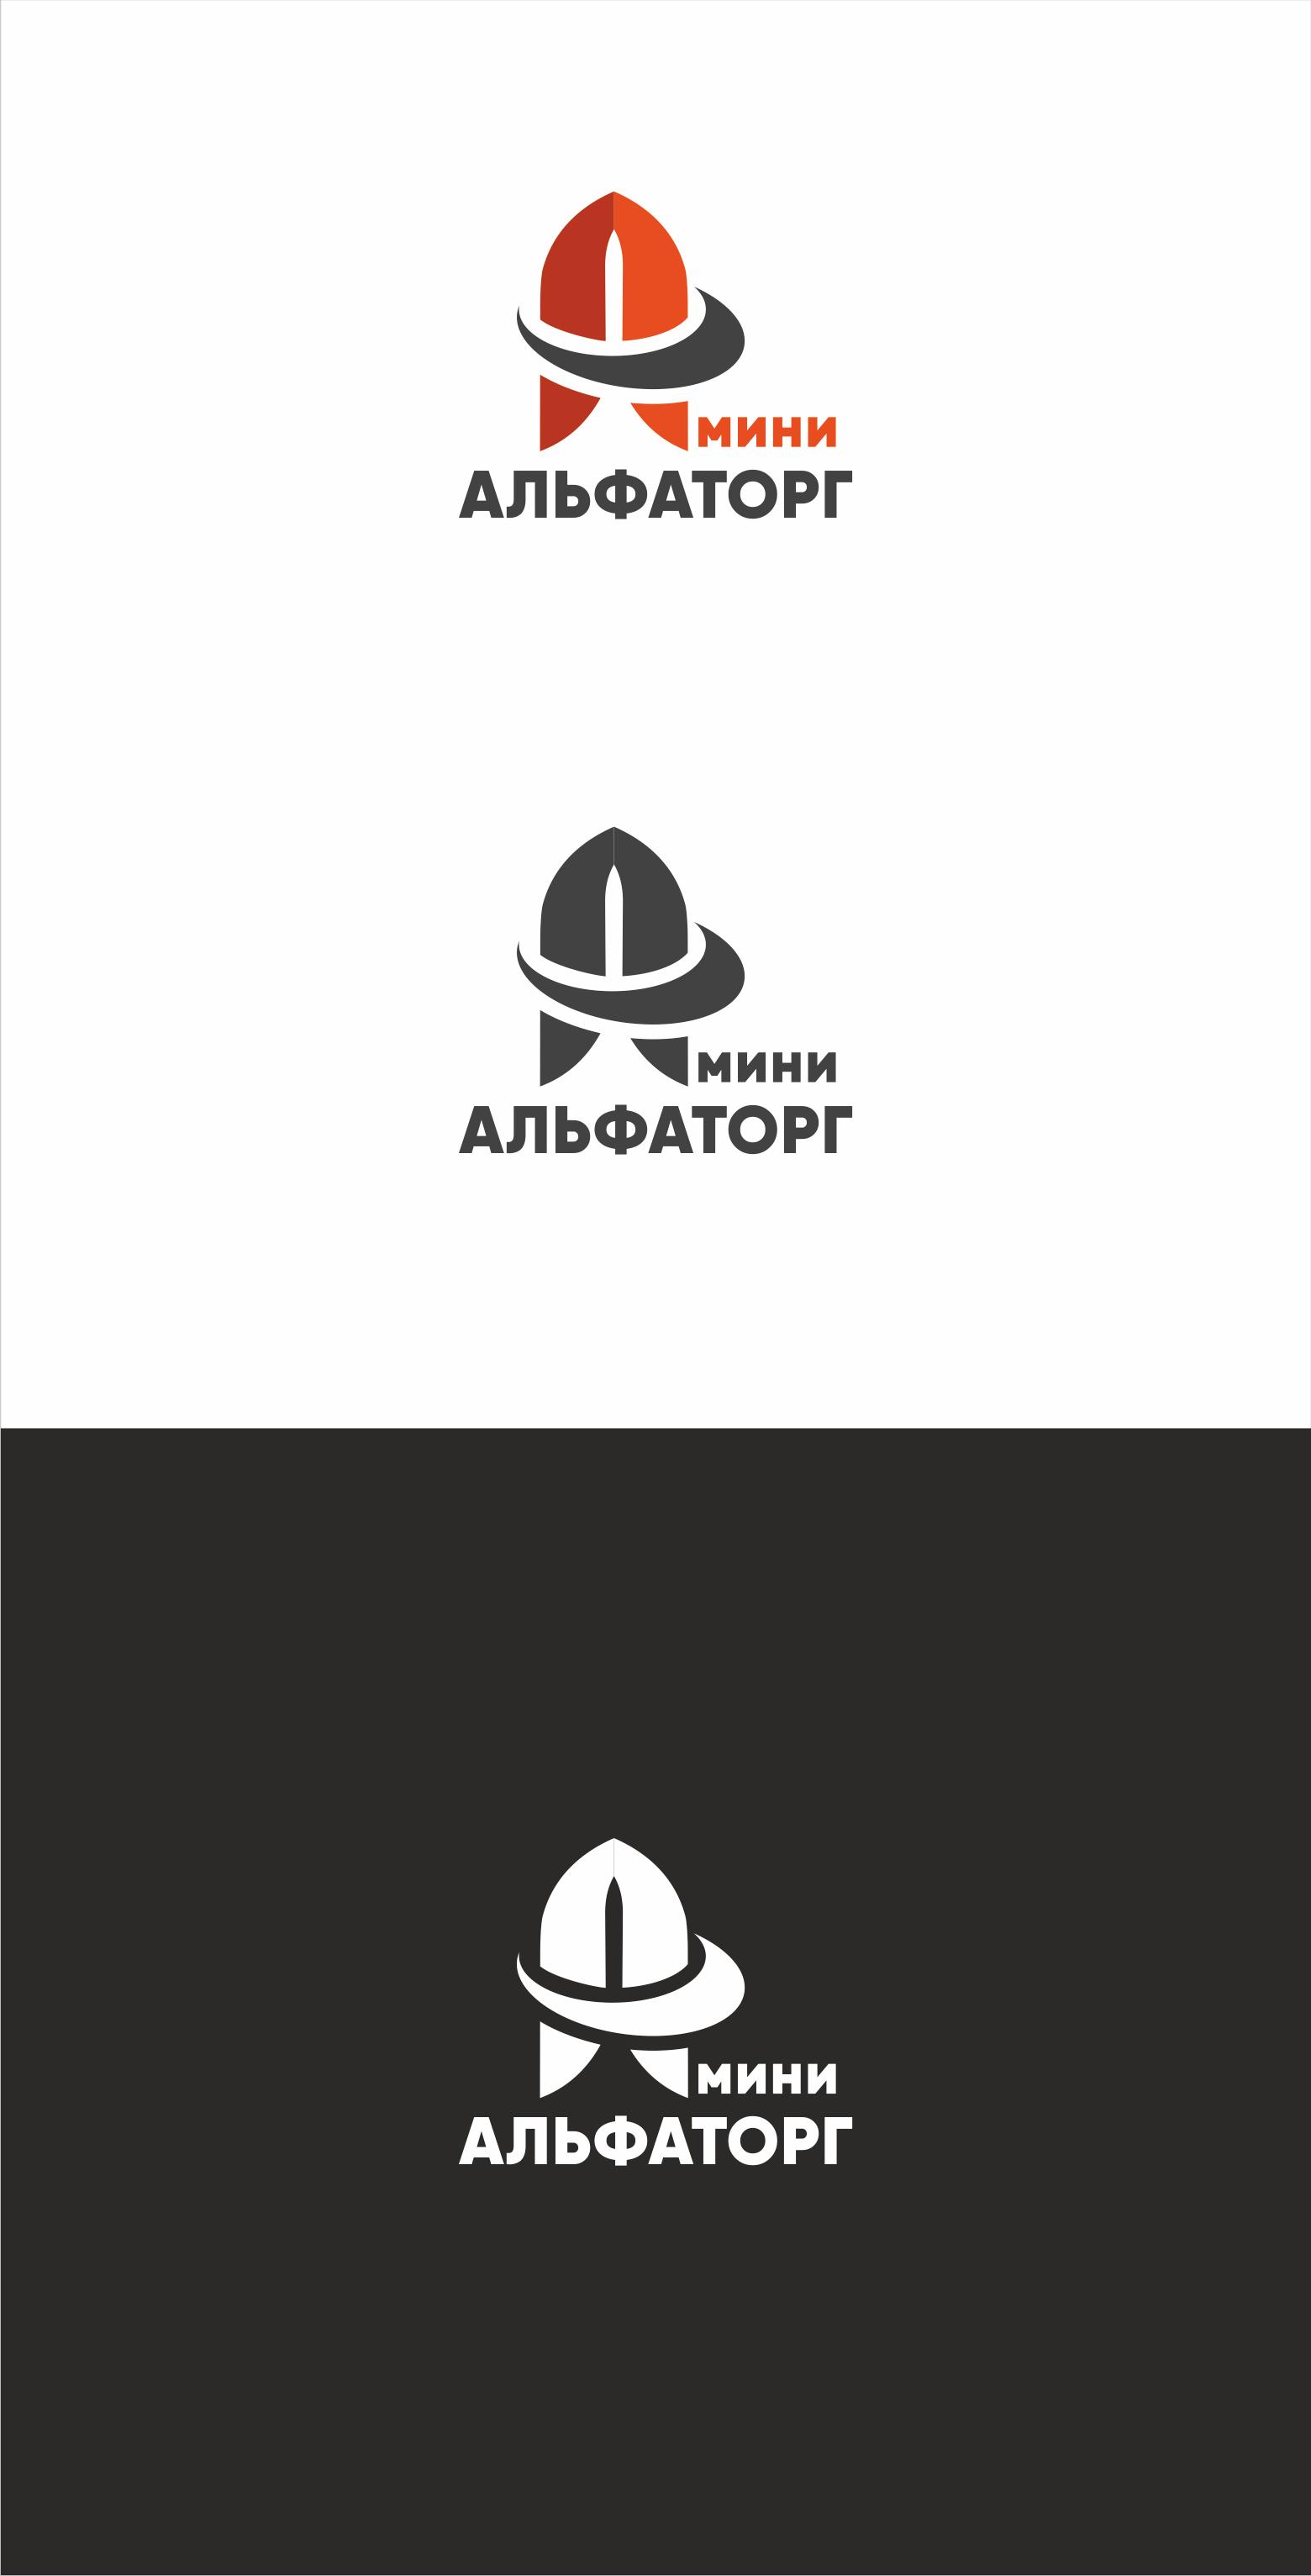 Логотип и фирменный стиль фото f_7455ef76ff182d94.png